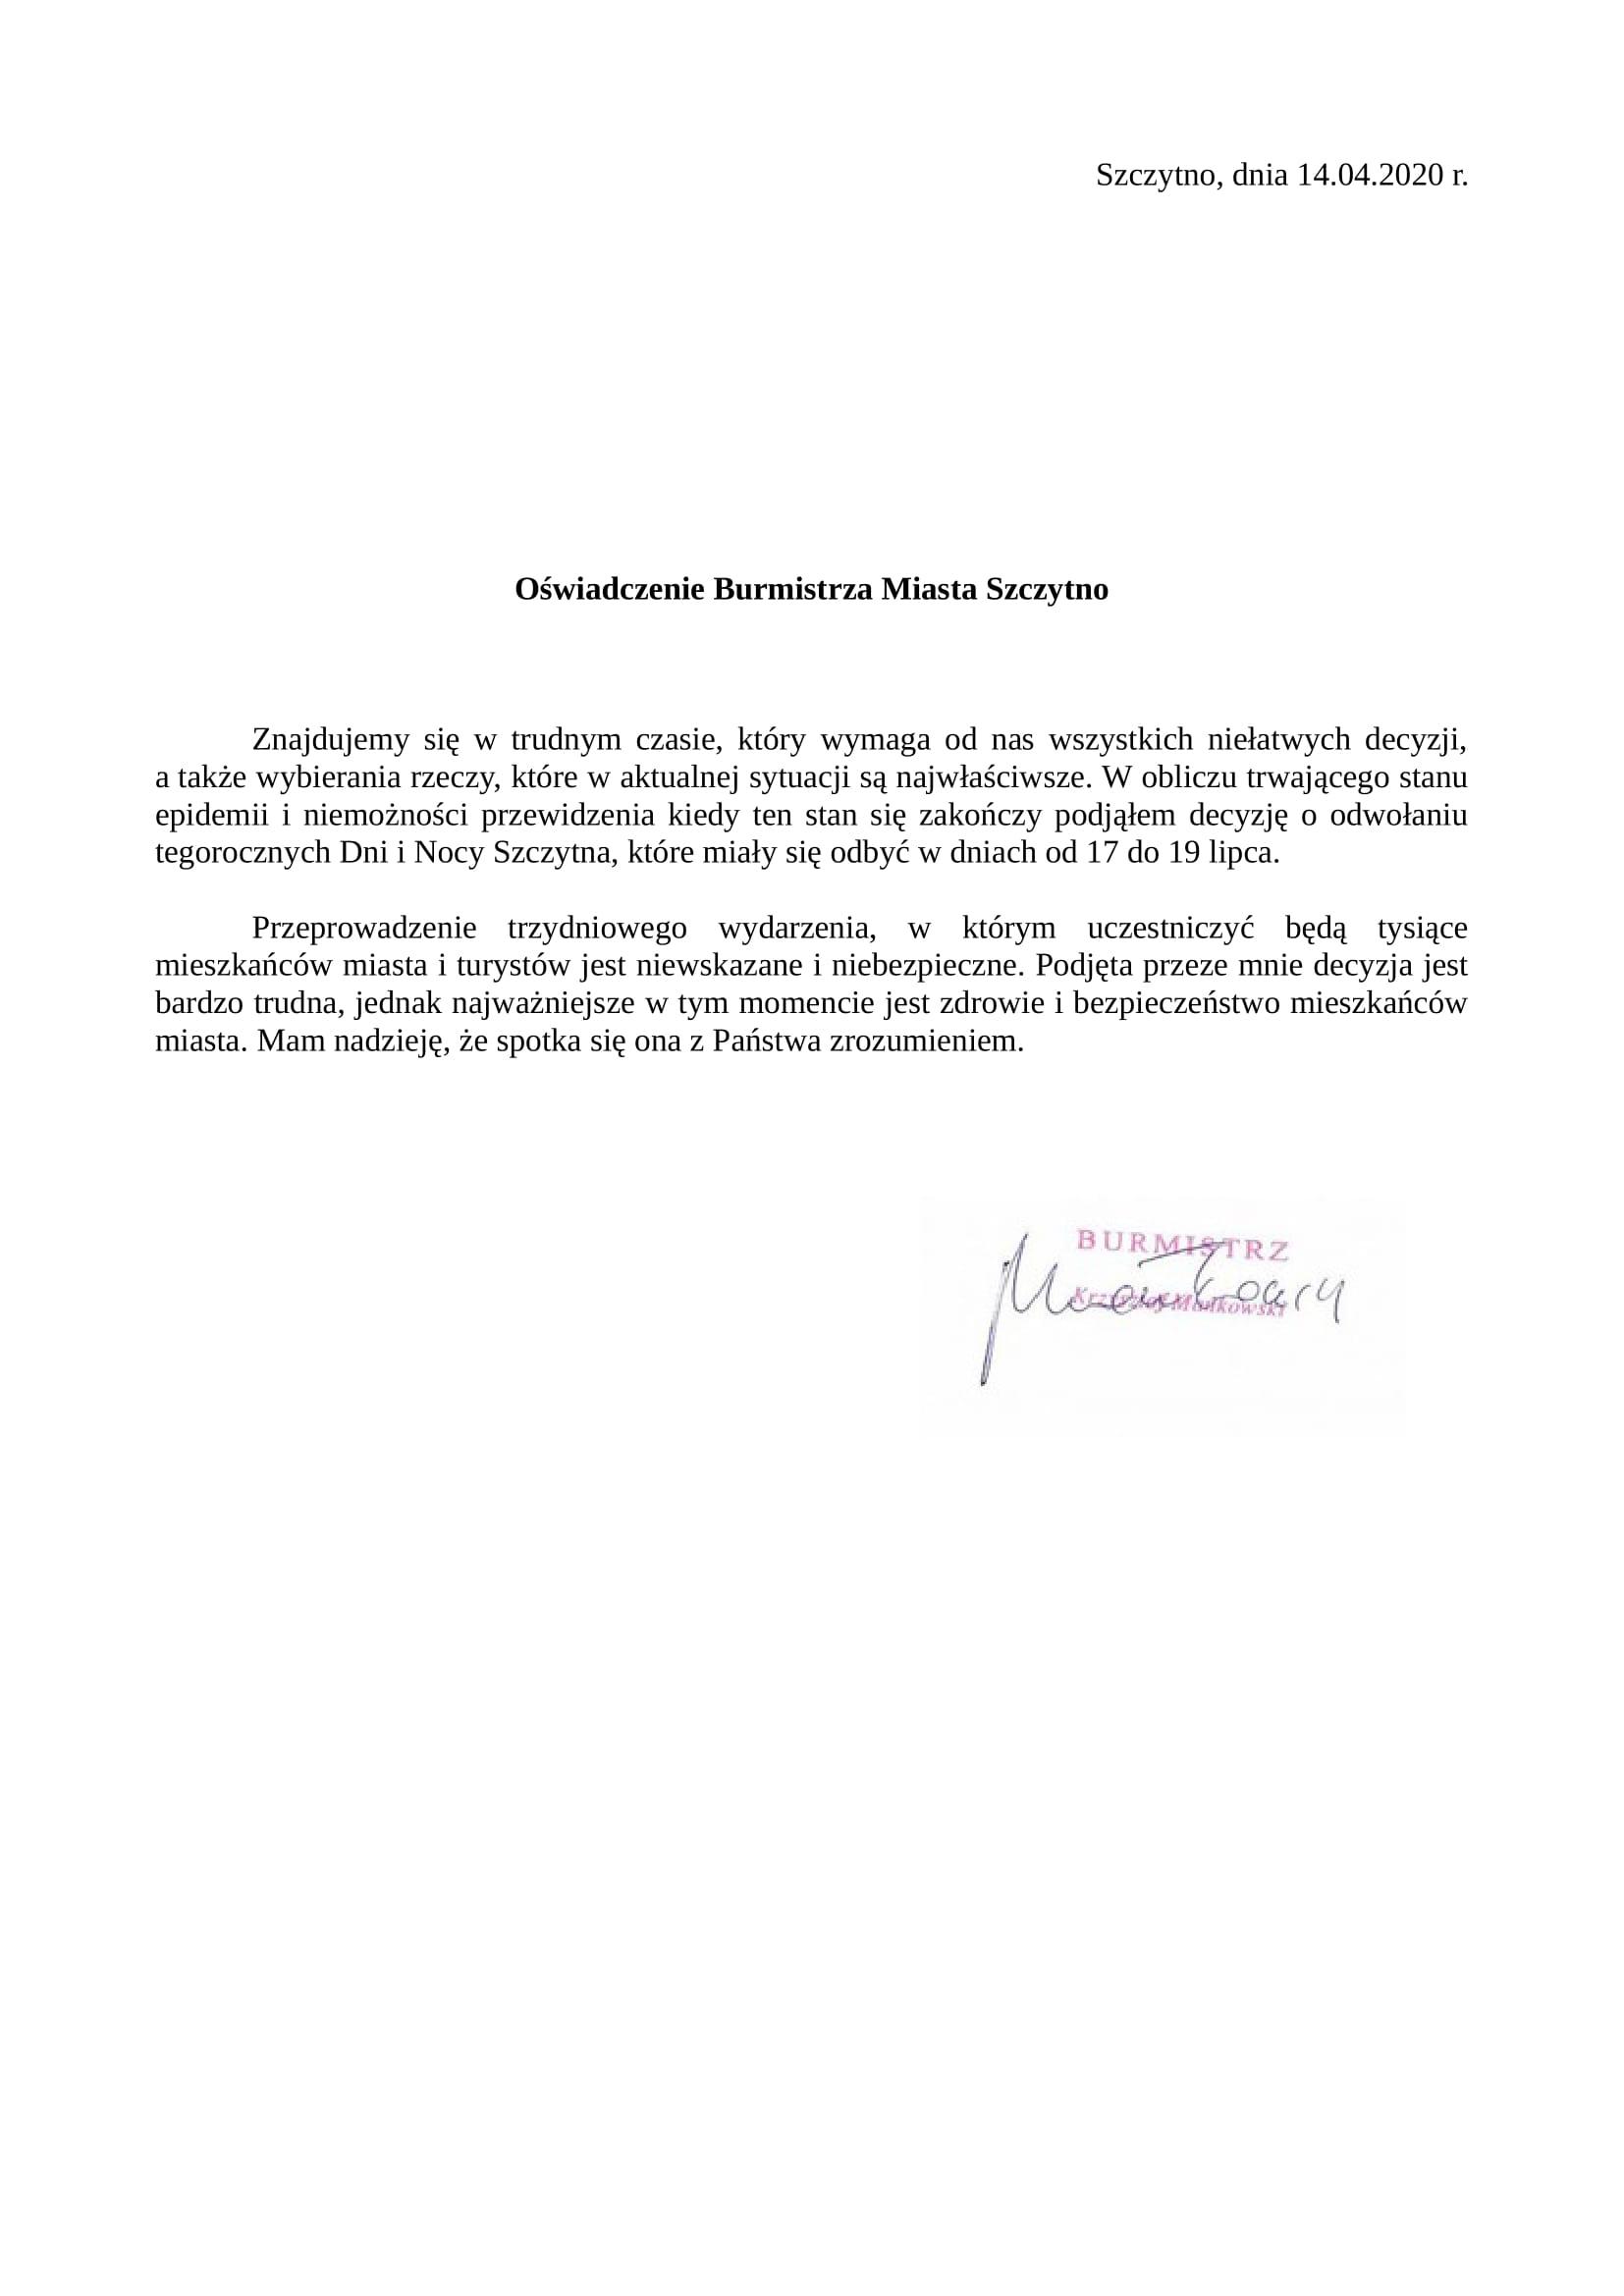 https://m.powiatszczycienski.pl/2020/04/orig/bez-tytulu-1-1-29861.jpg